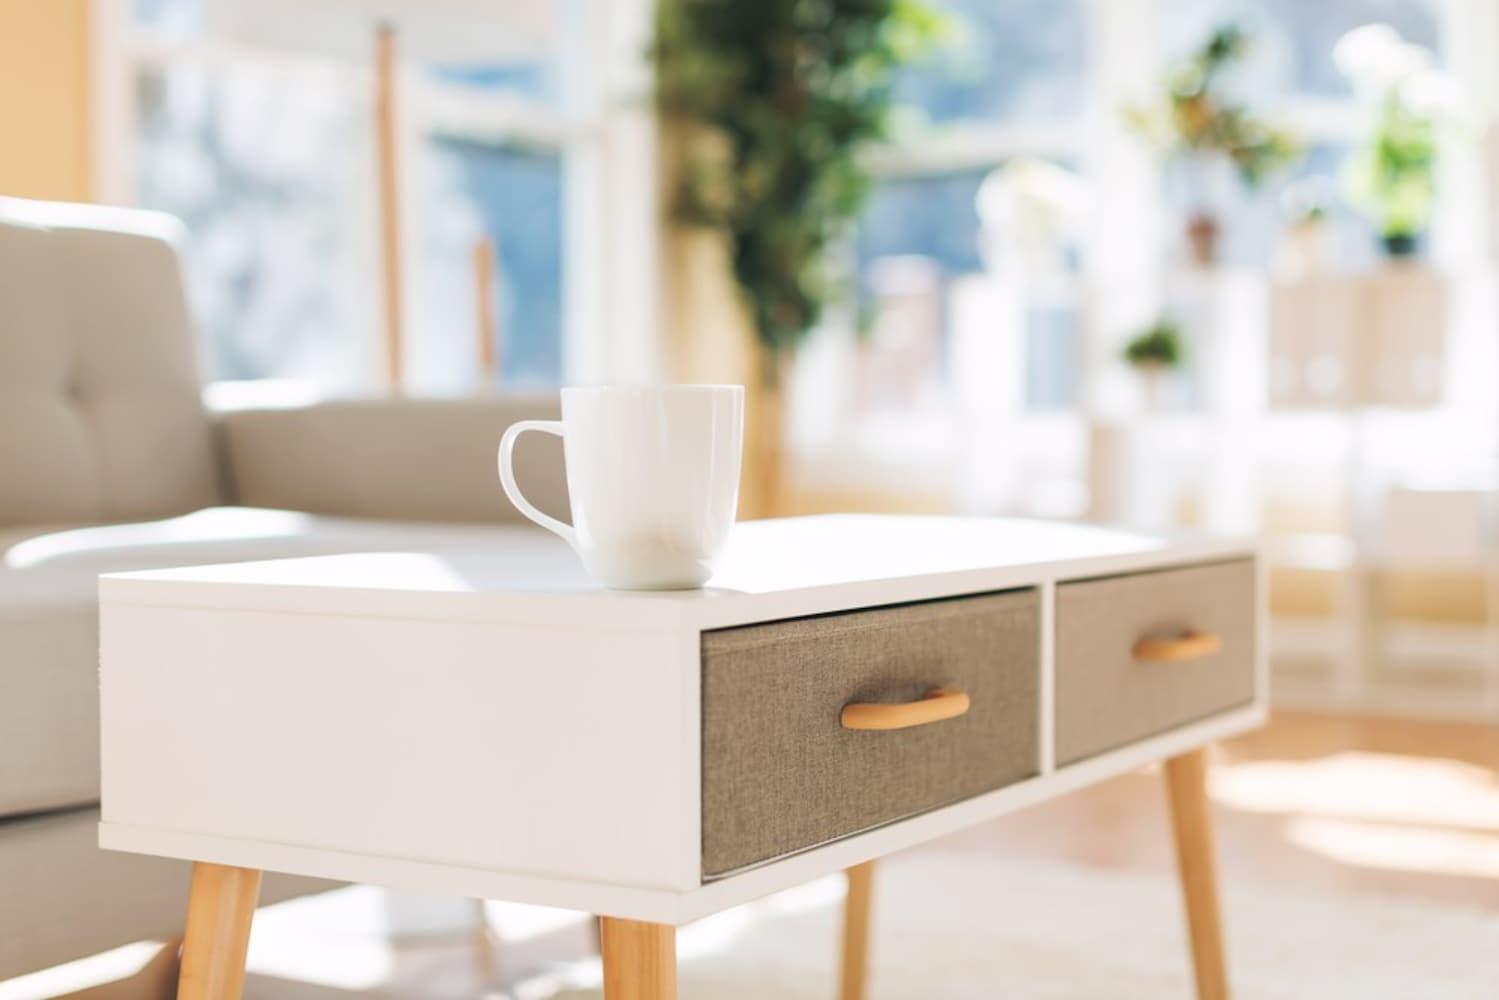 テーブル周りをスッキリと見せる引き出し付きタイプと棚板付きタイプ